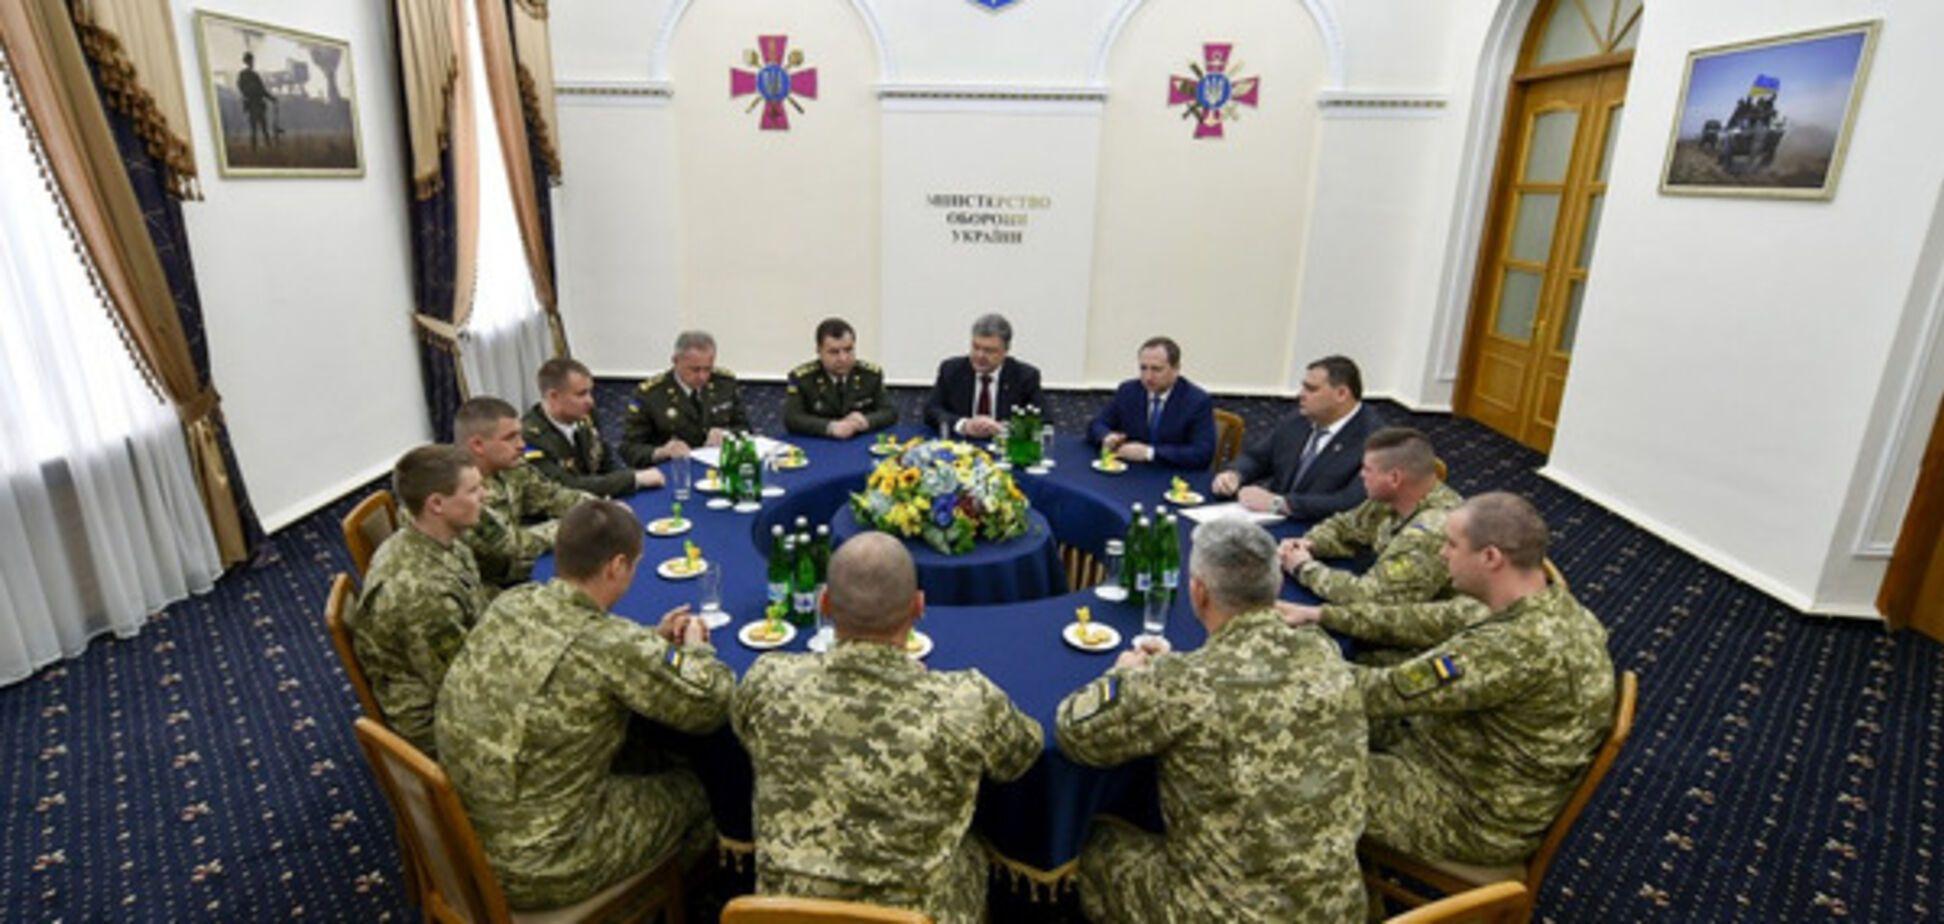 Встреча бойцов ВСУ и Порошенко